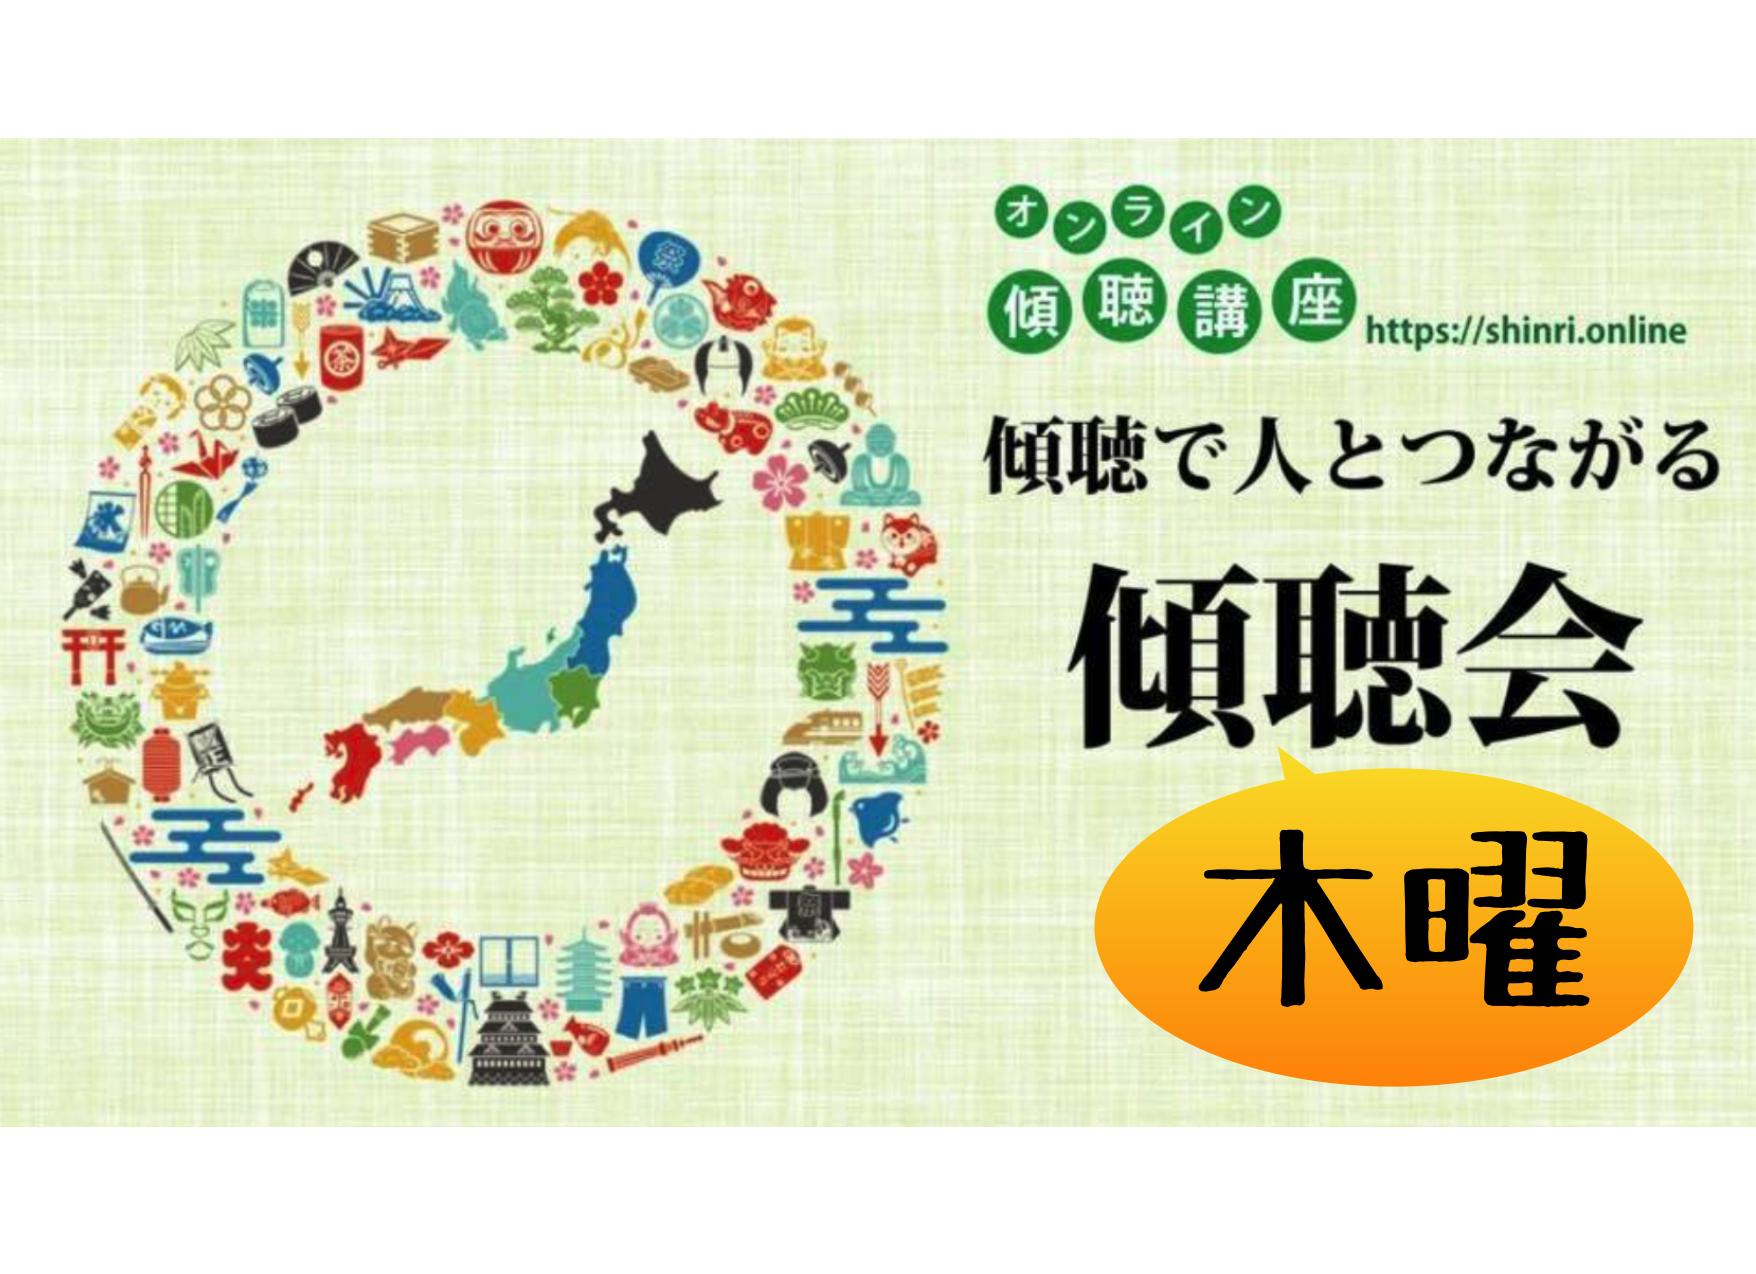 【活動報告】7月12日(木)オンライン傾聴講座「傾聴会」